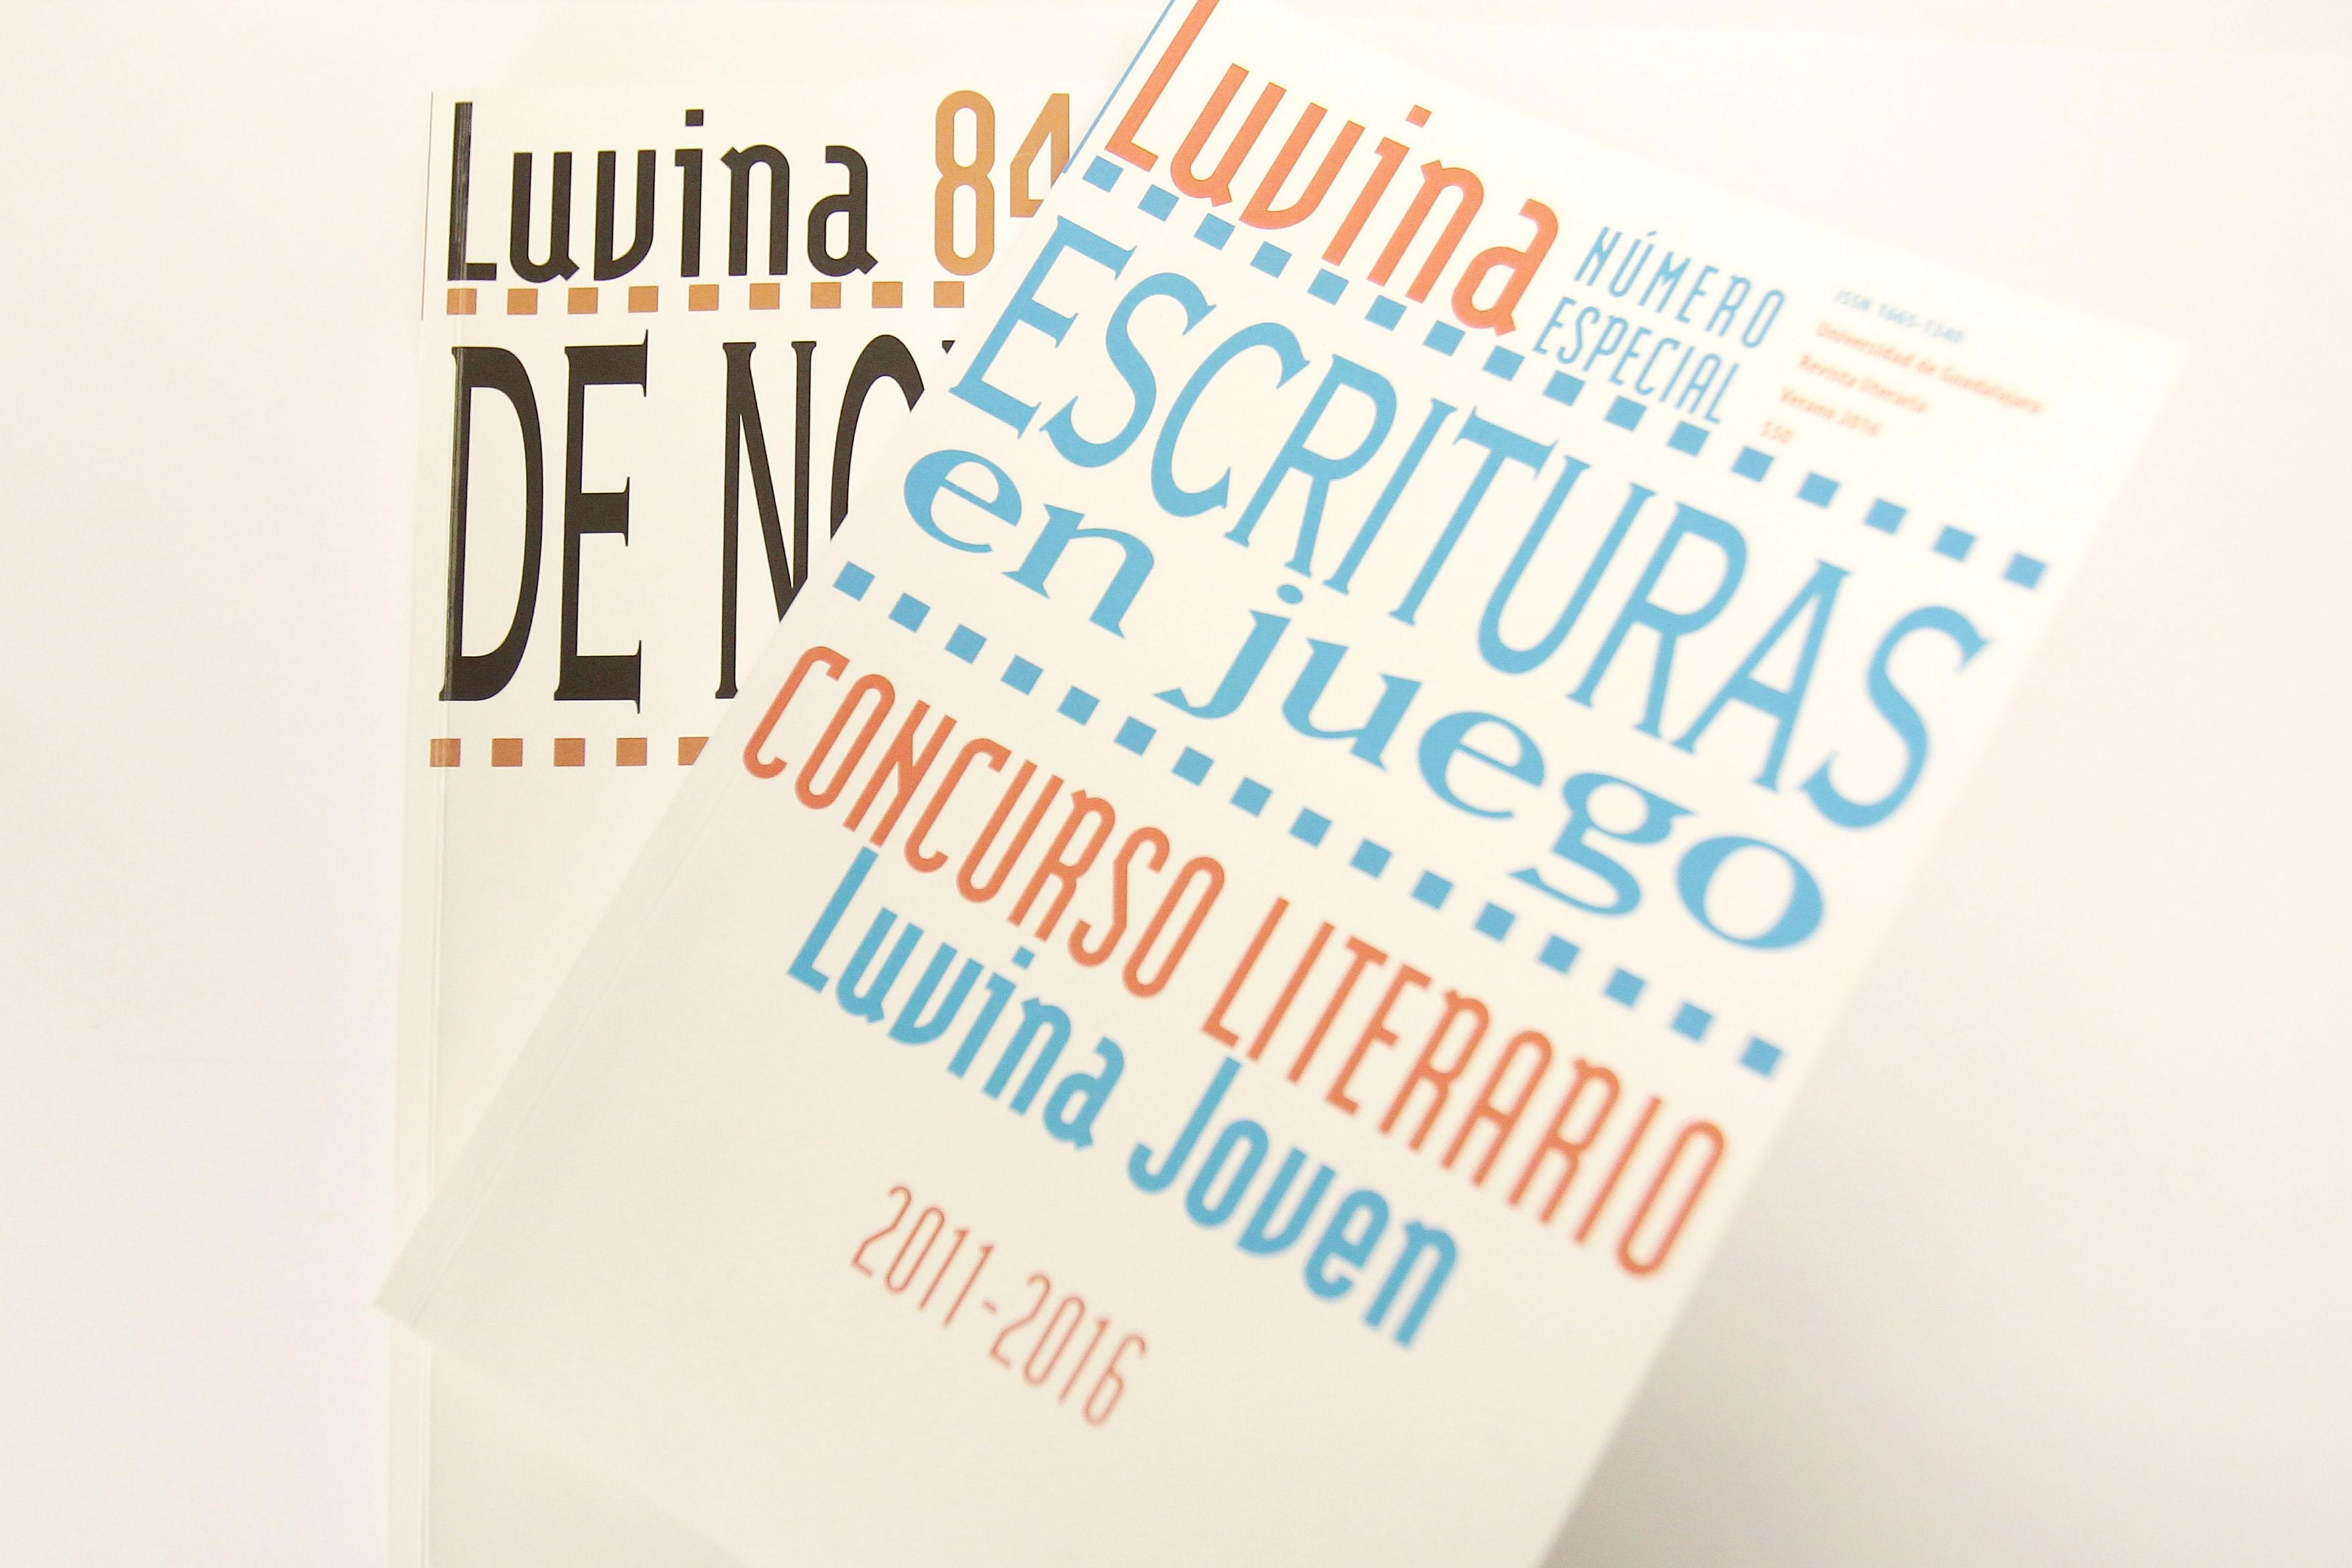 Portada número 84 y la edición especial Escrituras en juego